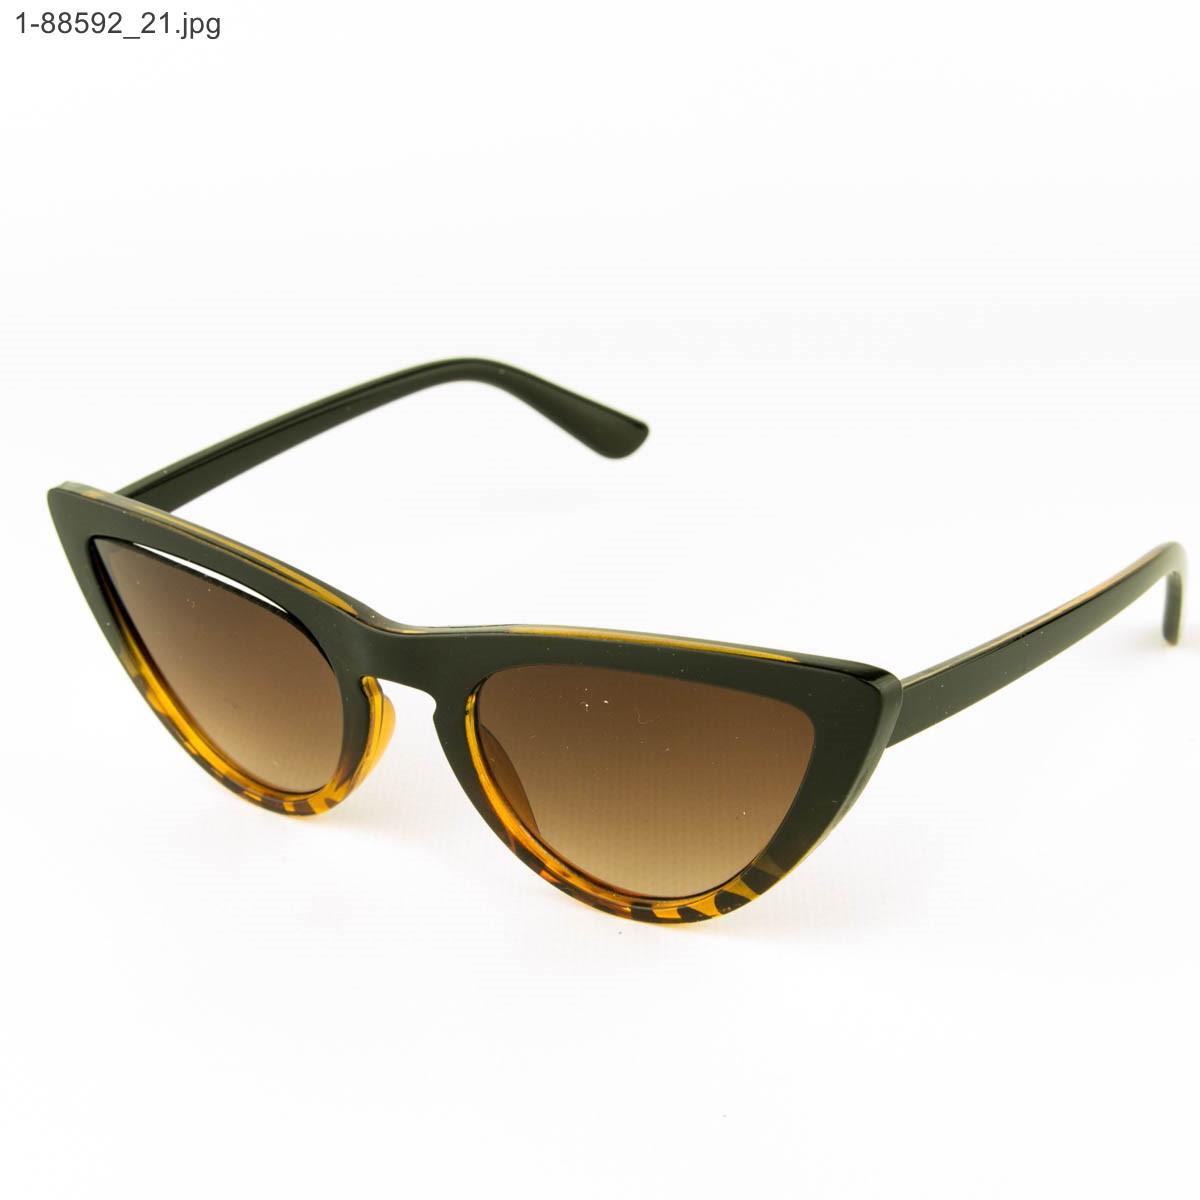 Женские очки кошачий глаз - Леопардовые - 1-88592, фото 1